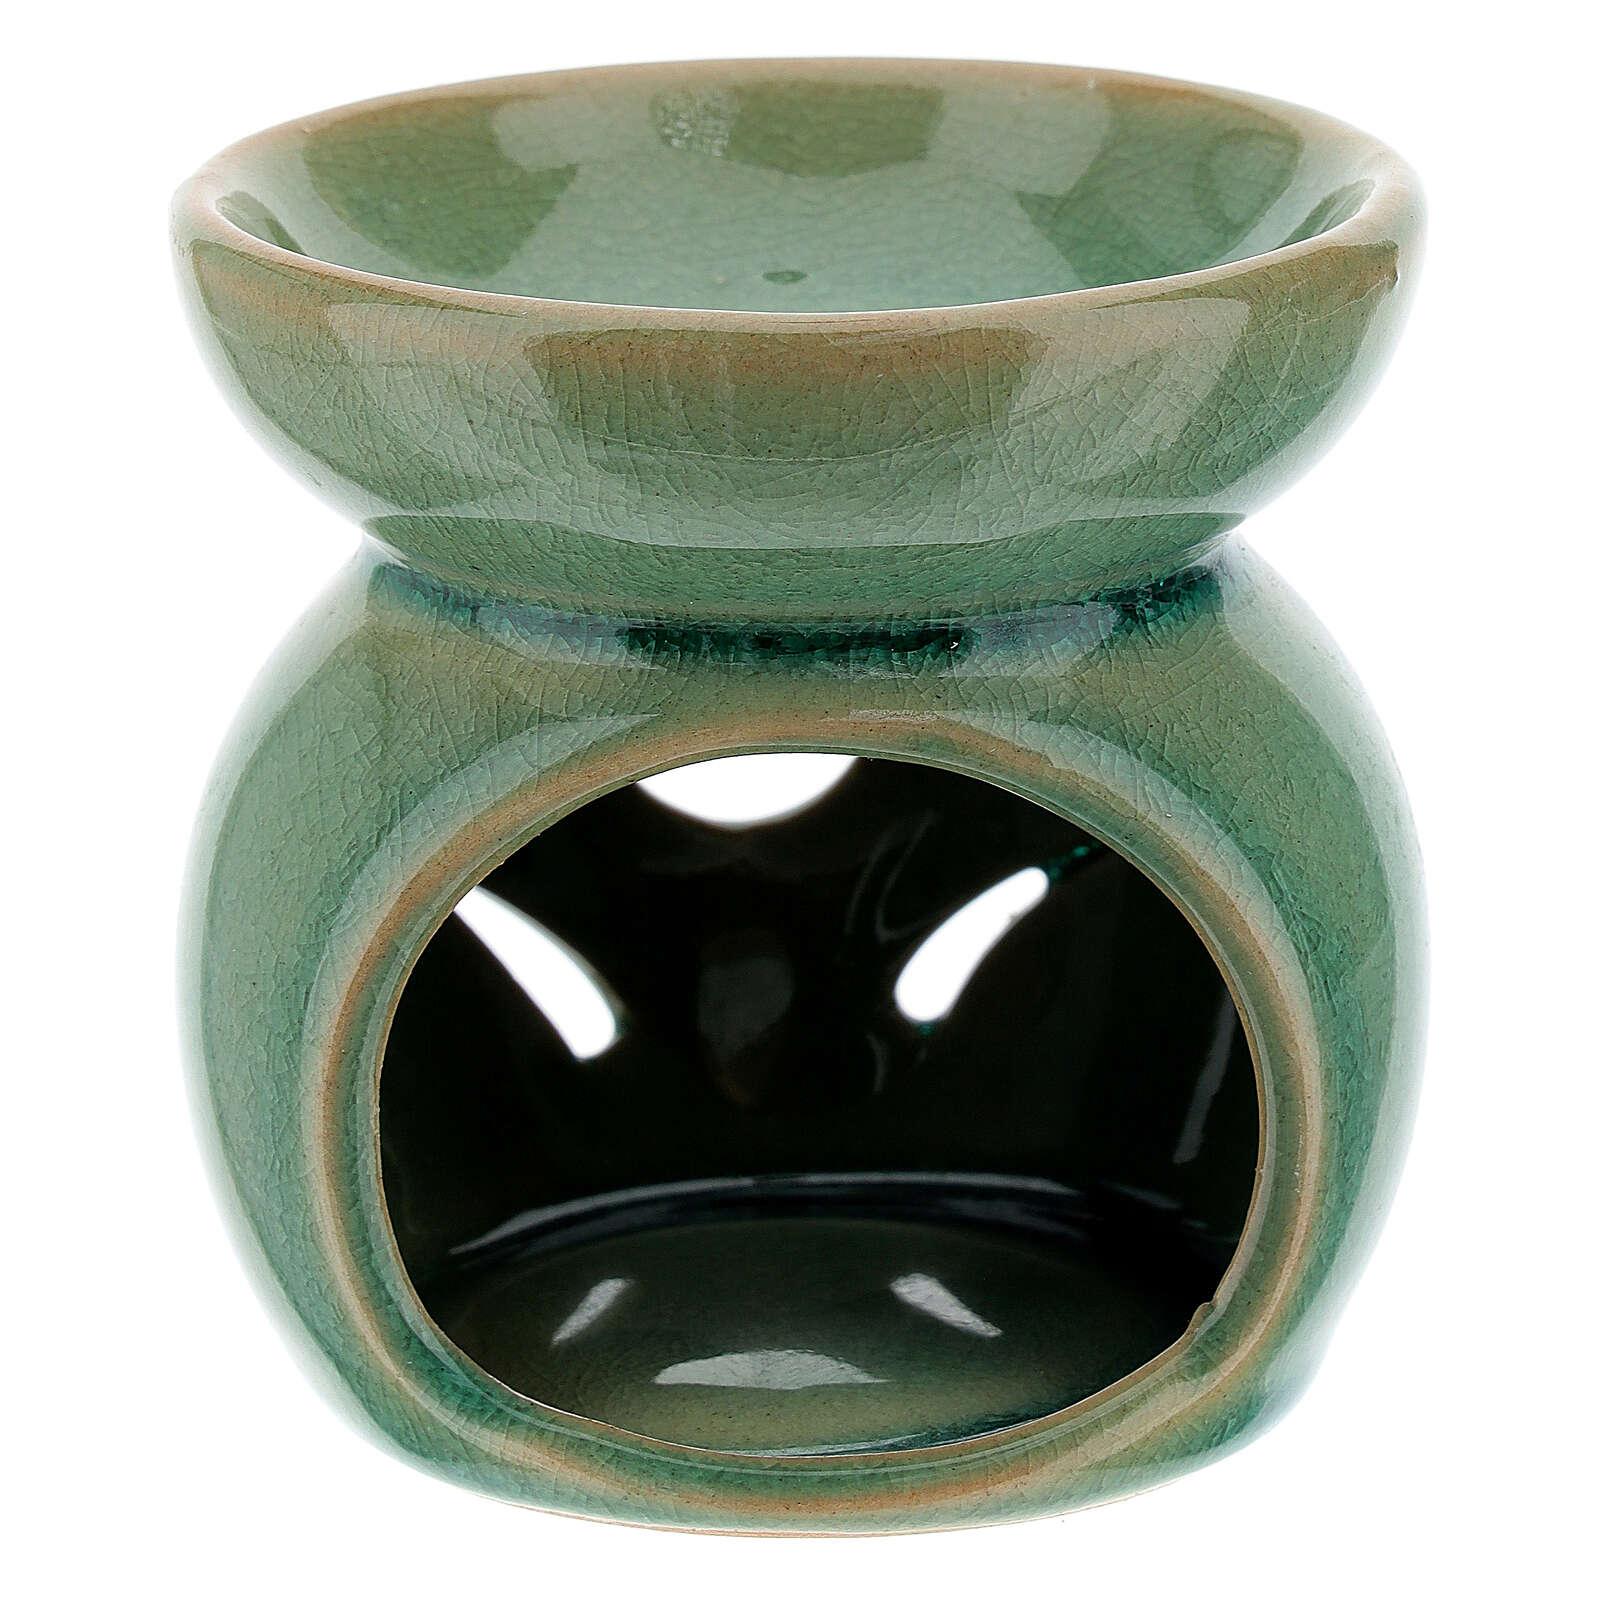 Pebetero esencias cerámica perforado 7 cm verde esmeralda 3